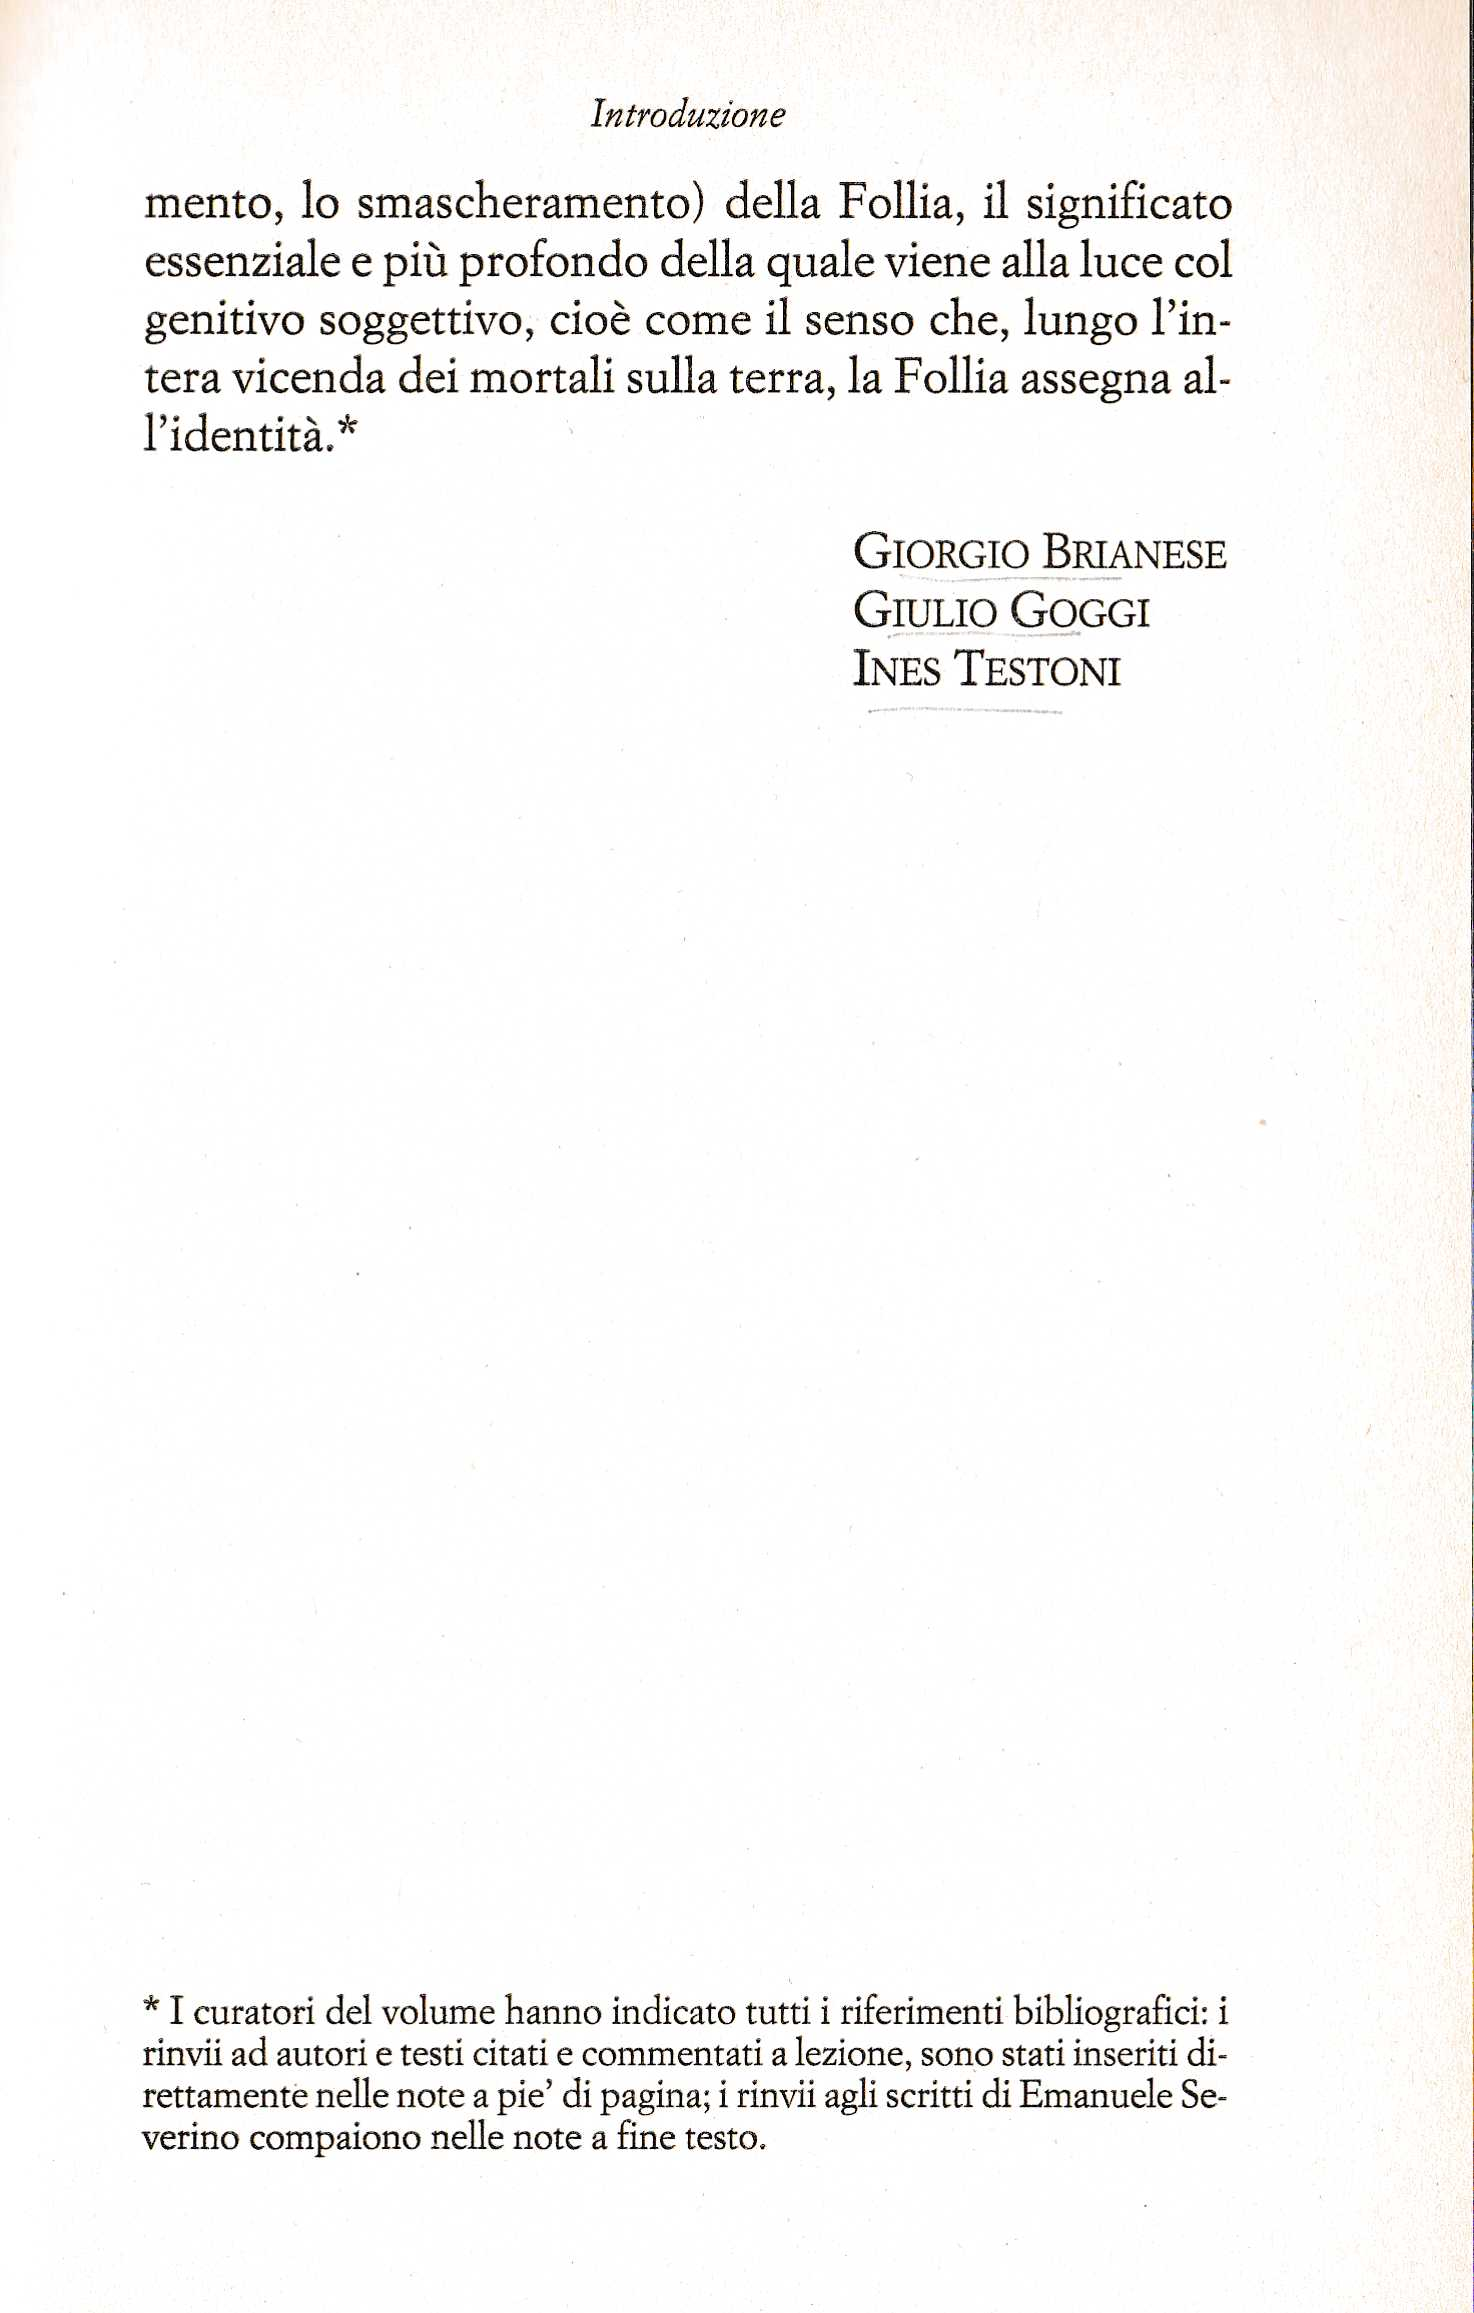 identitafollia4519